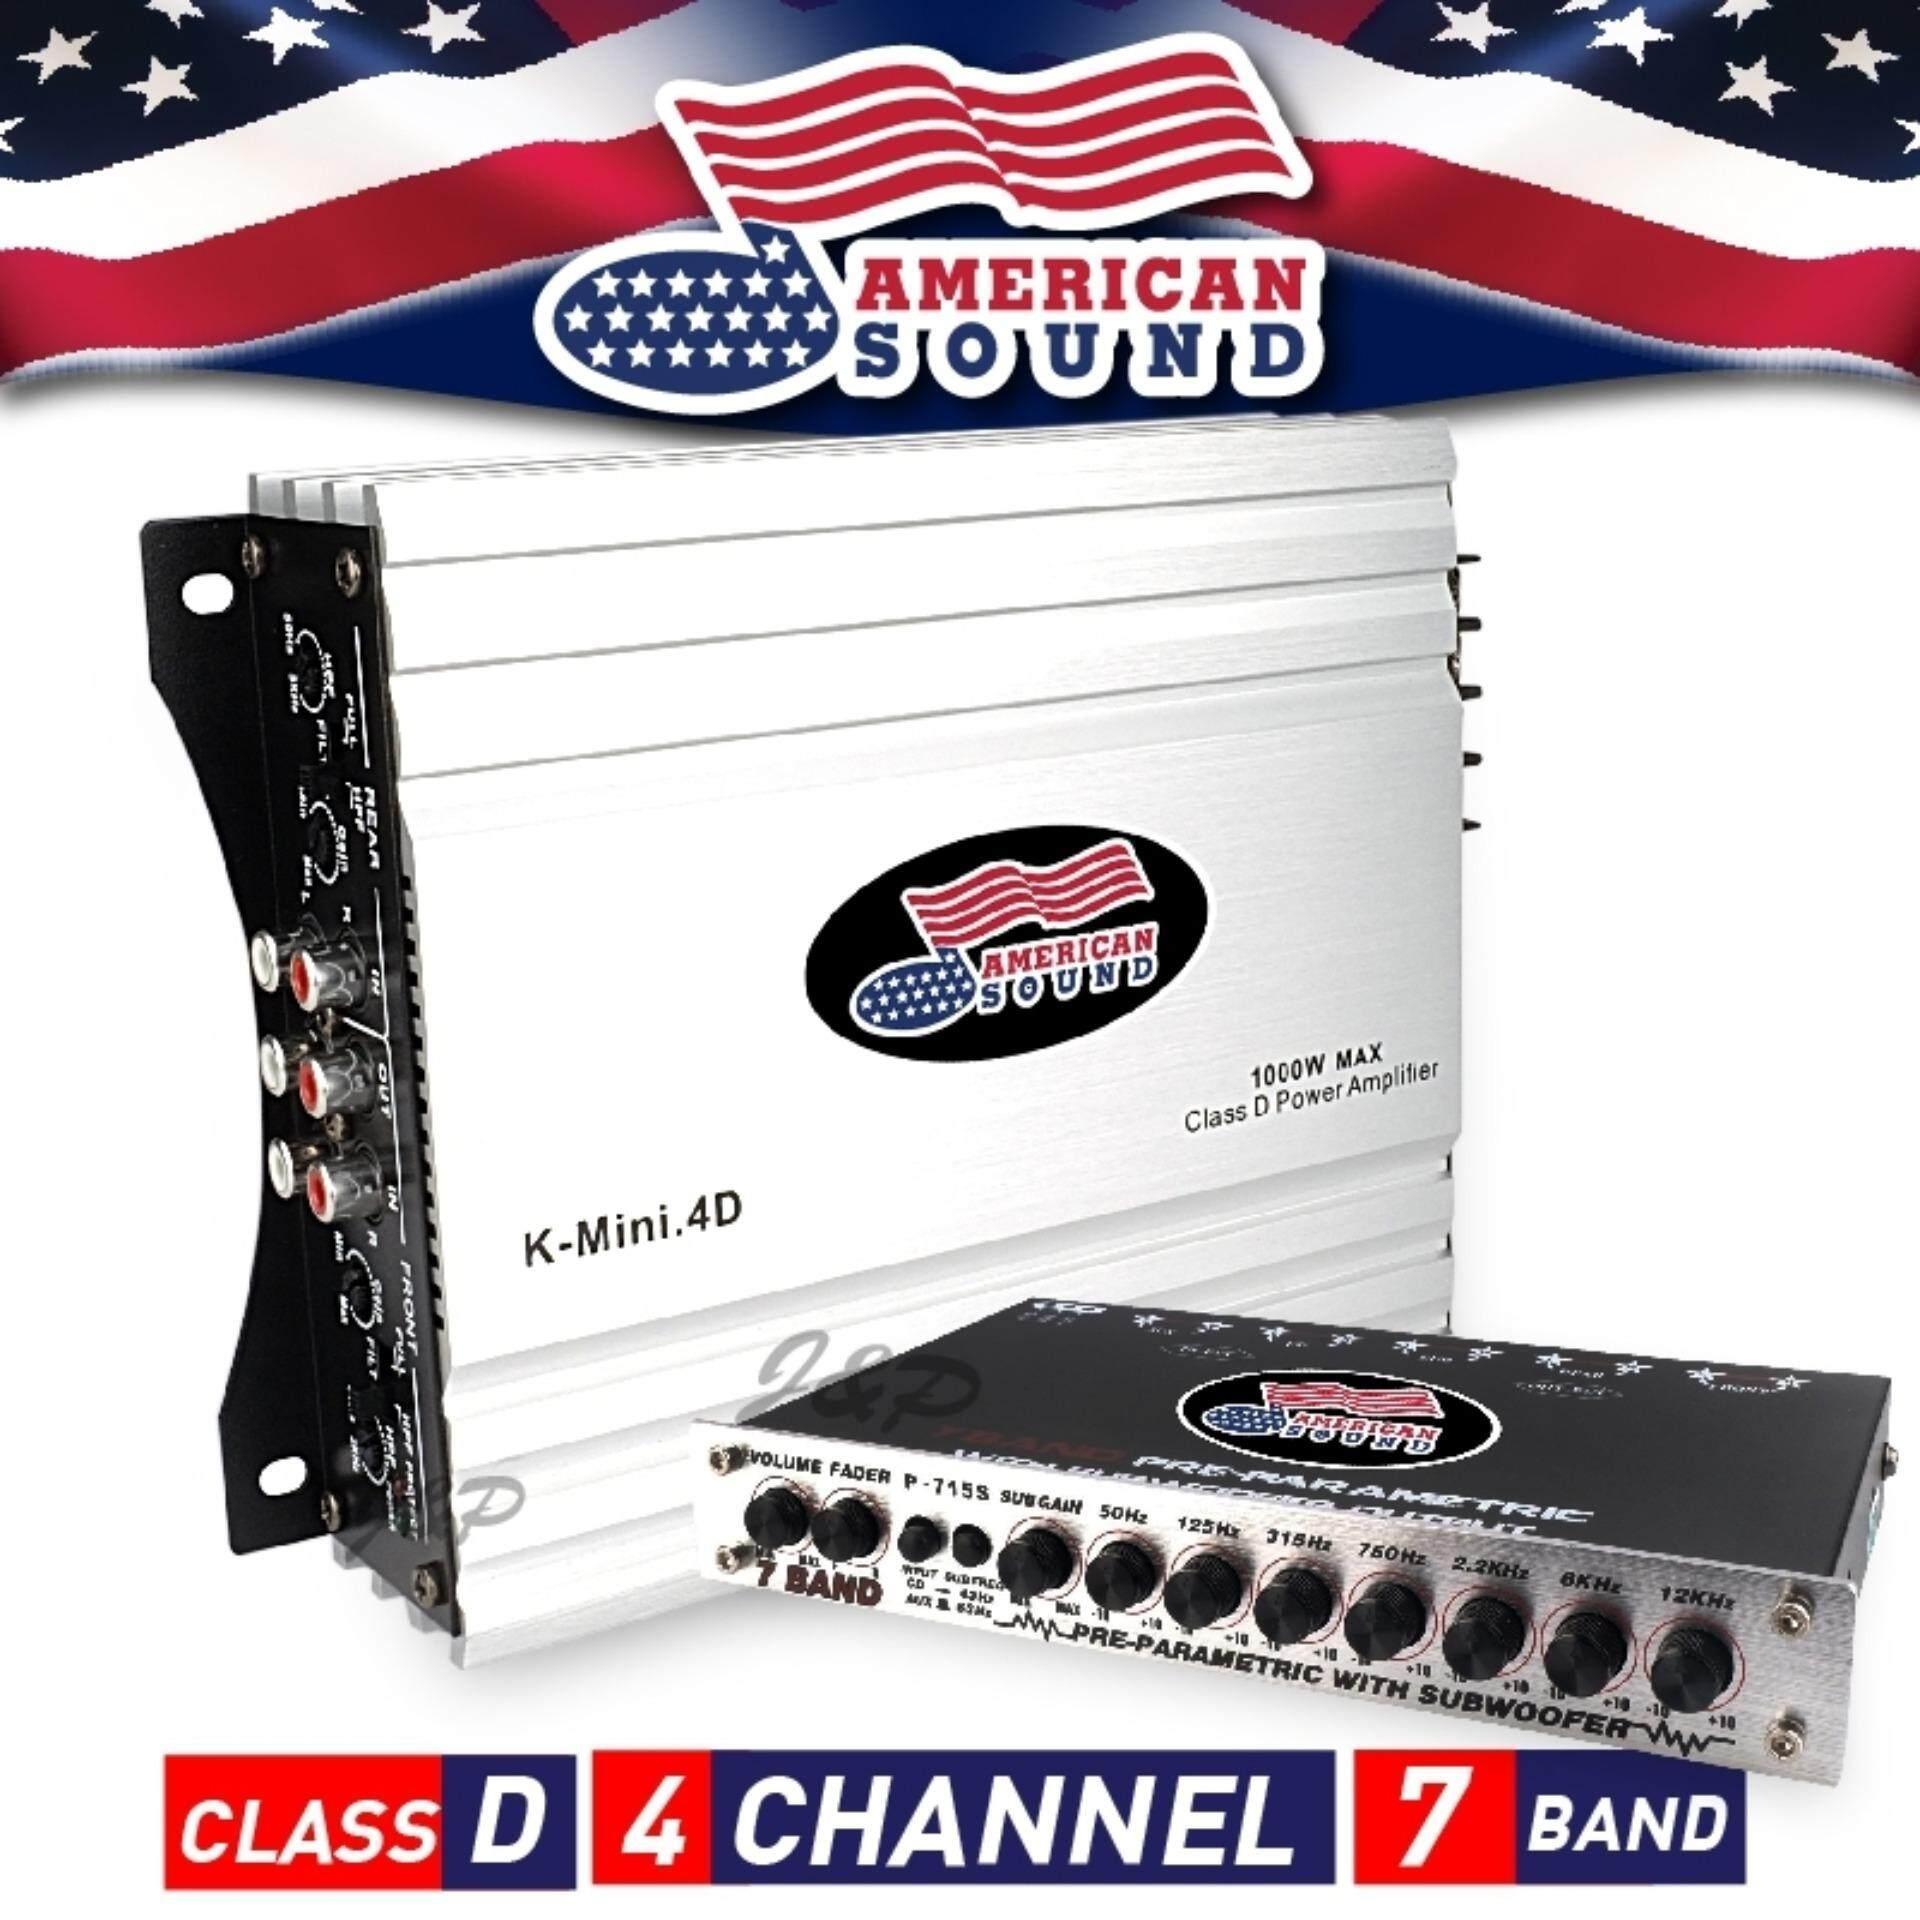 สุดยอดสินค้า!! เครื่องเสียงรถ เพาเวอร์แอมป์ Class D 4ชาแนล สินค้าขายดี K-MINI.4D + ปรีแอมป์รถยนต์ 7แบนด์ P715S